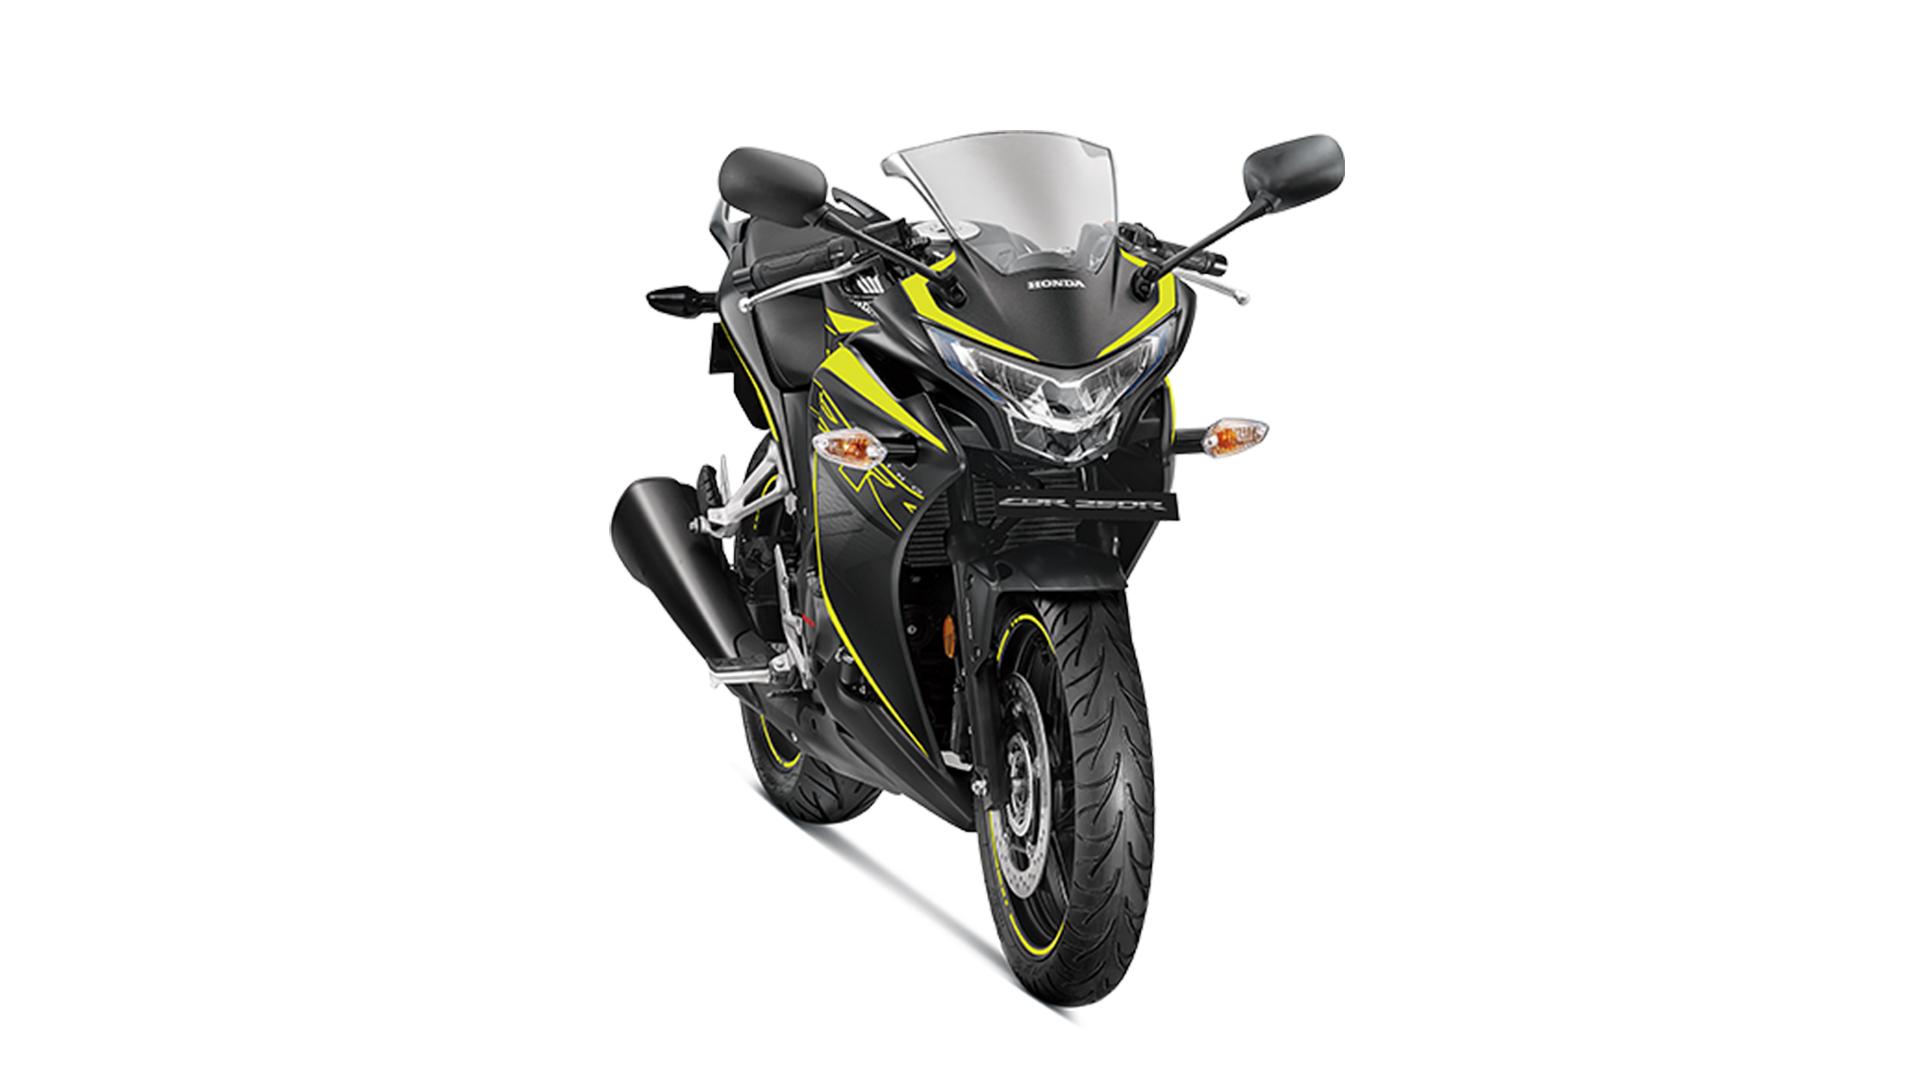 Honda Cbr250r 2016 C Abs Price Mileage Reviews